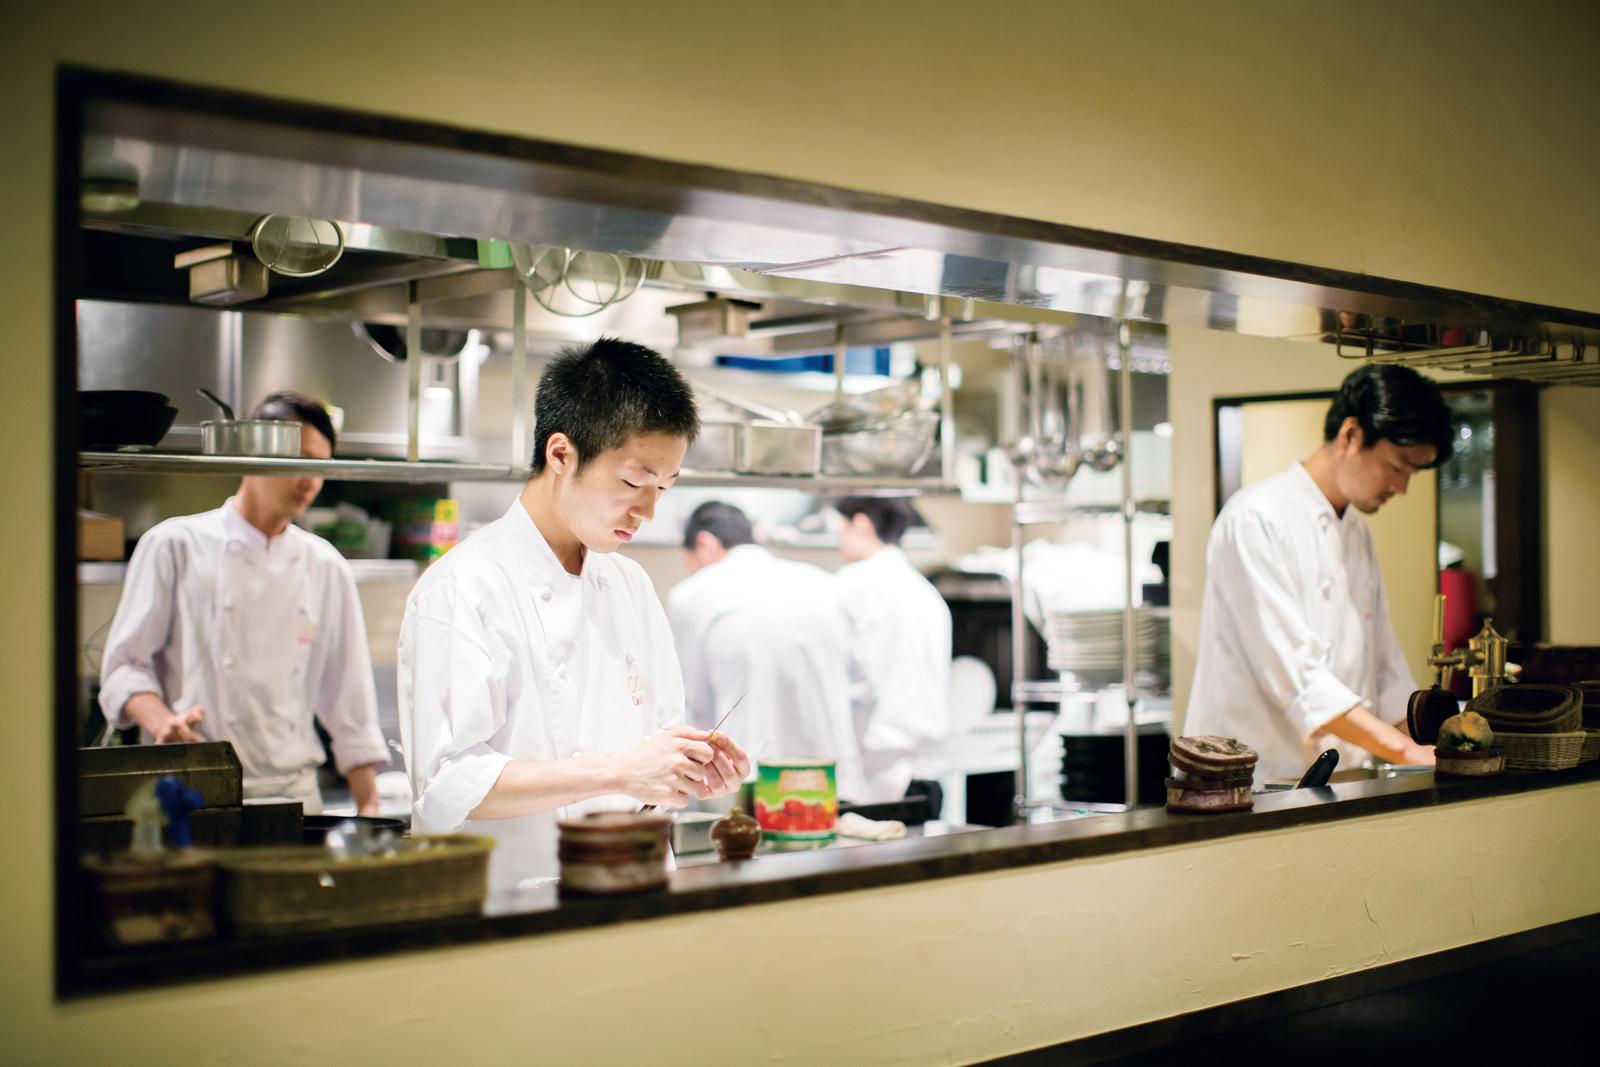 ↑オーダーが入った店舗では調理スタート。スマホの画面には料理の到着時間の目安が出る